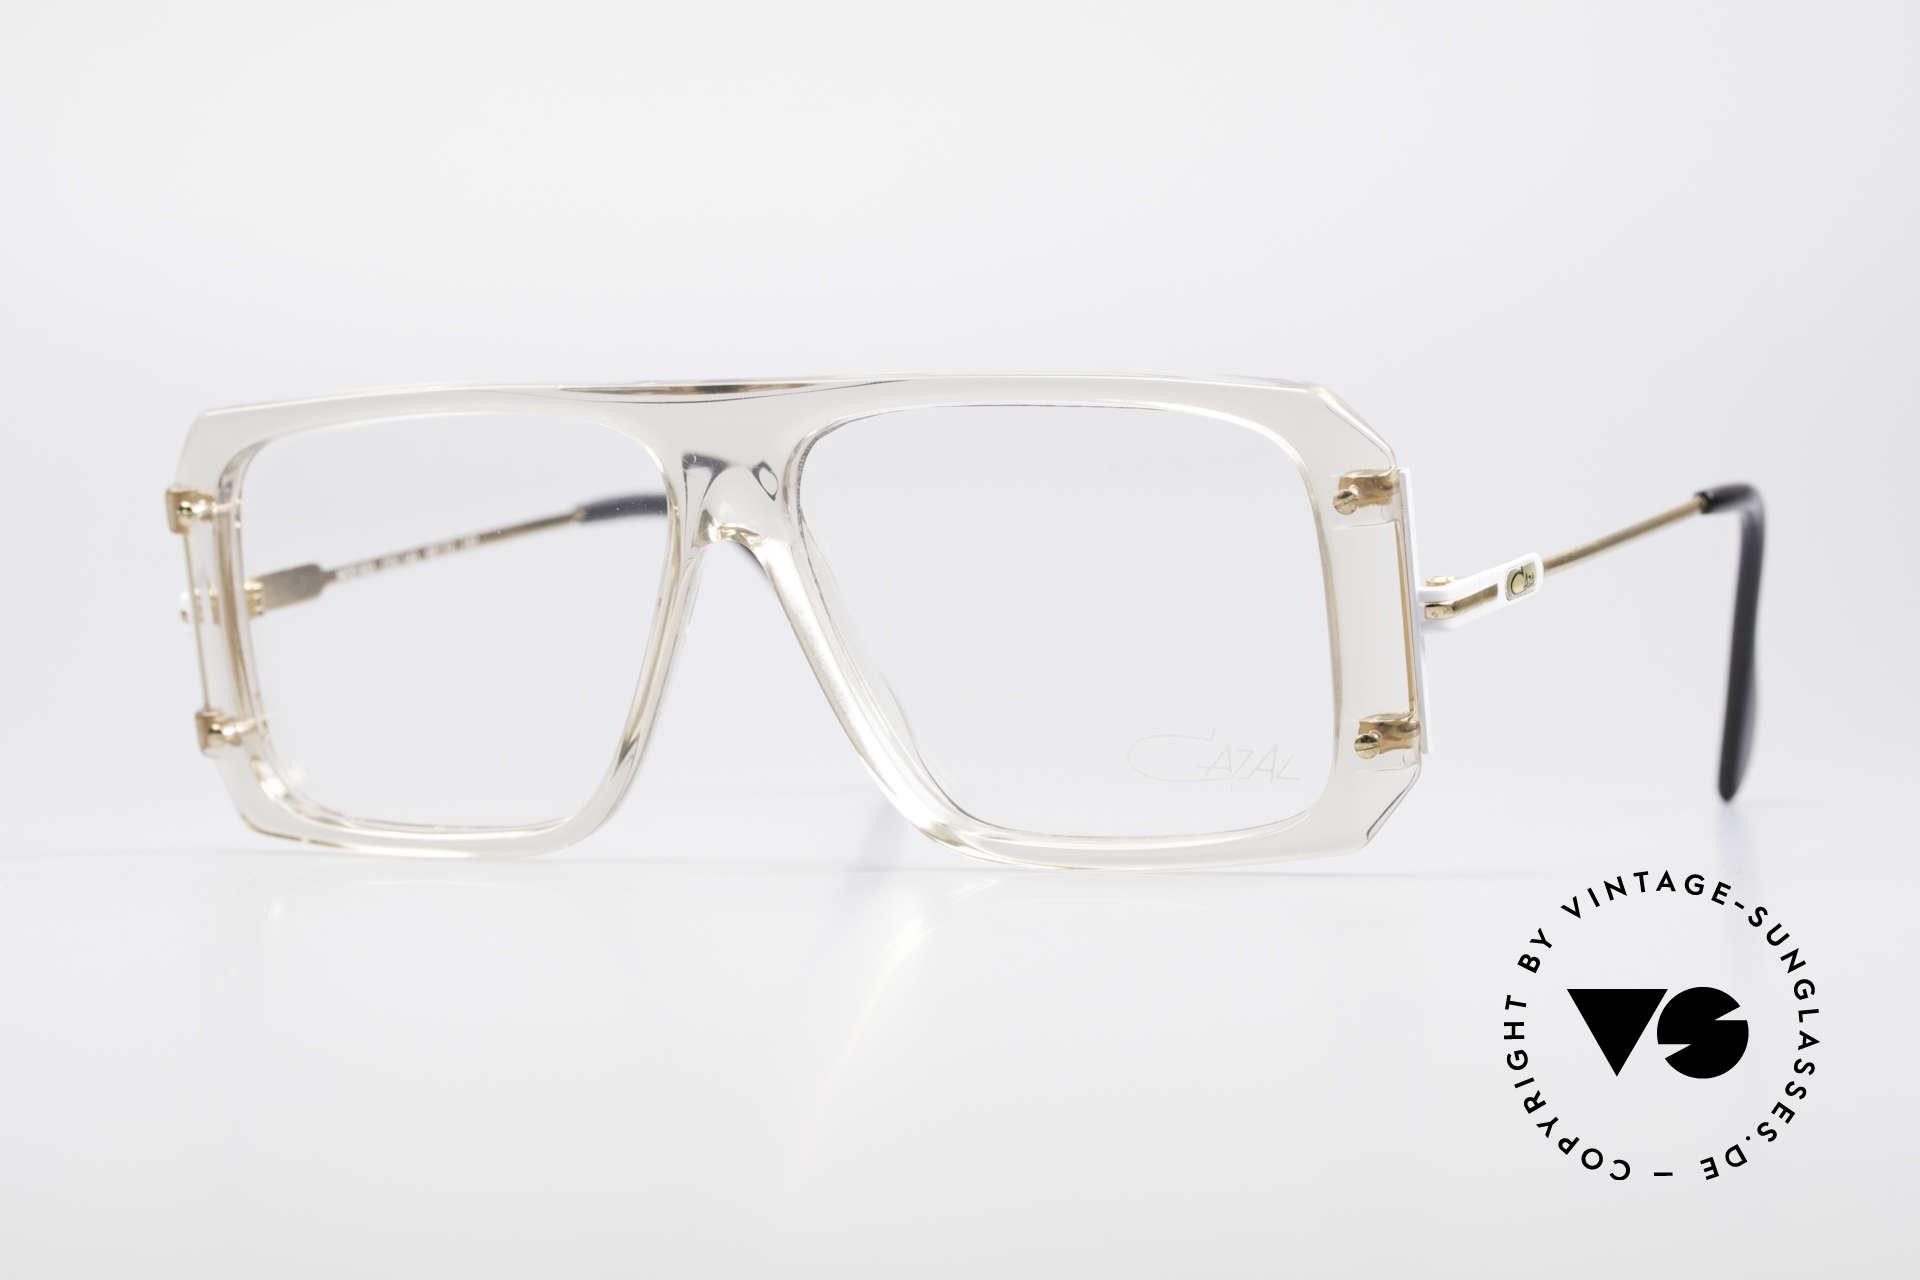 Cazal 633 Vintage Promi Brille 80er, vintage CAZAL Promi-Brille von 1988 in Gr. 58/12, Passend für Herren